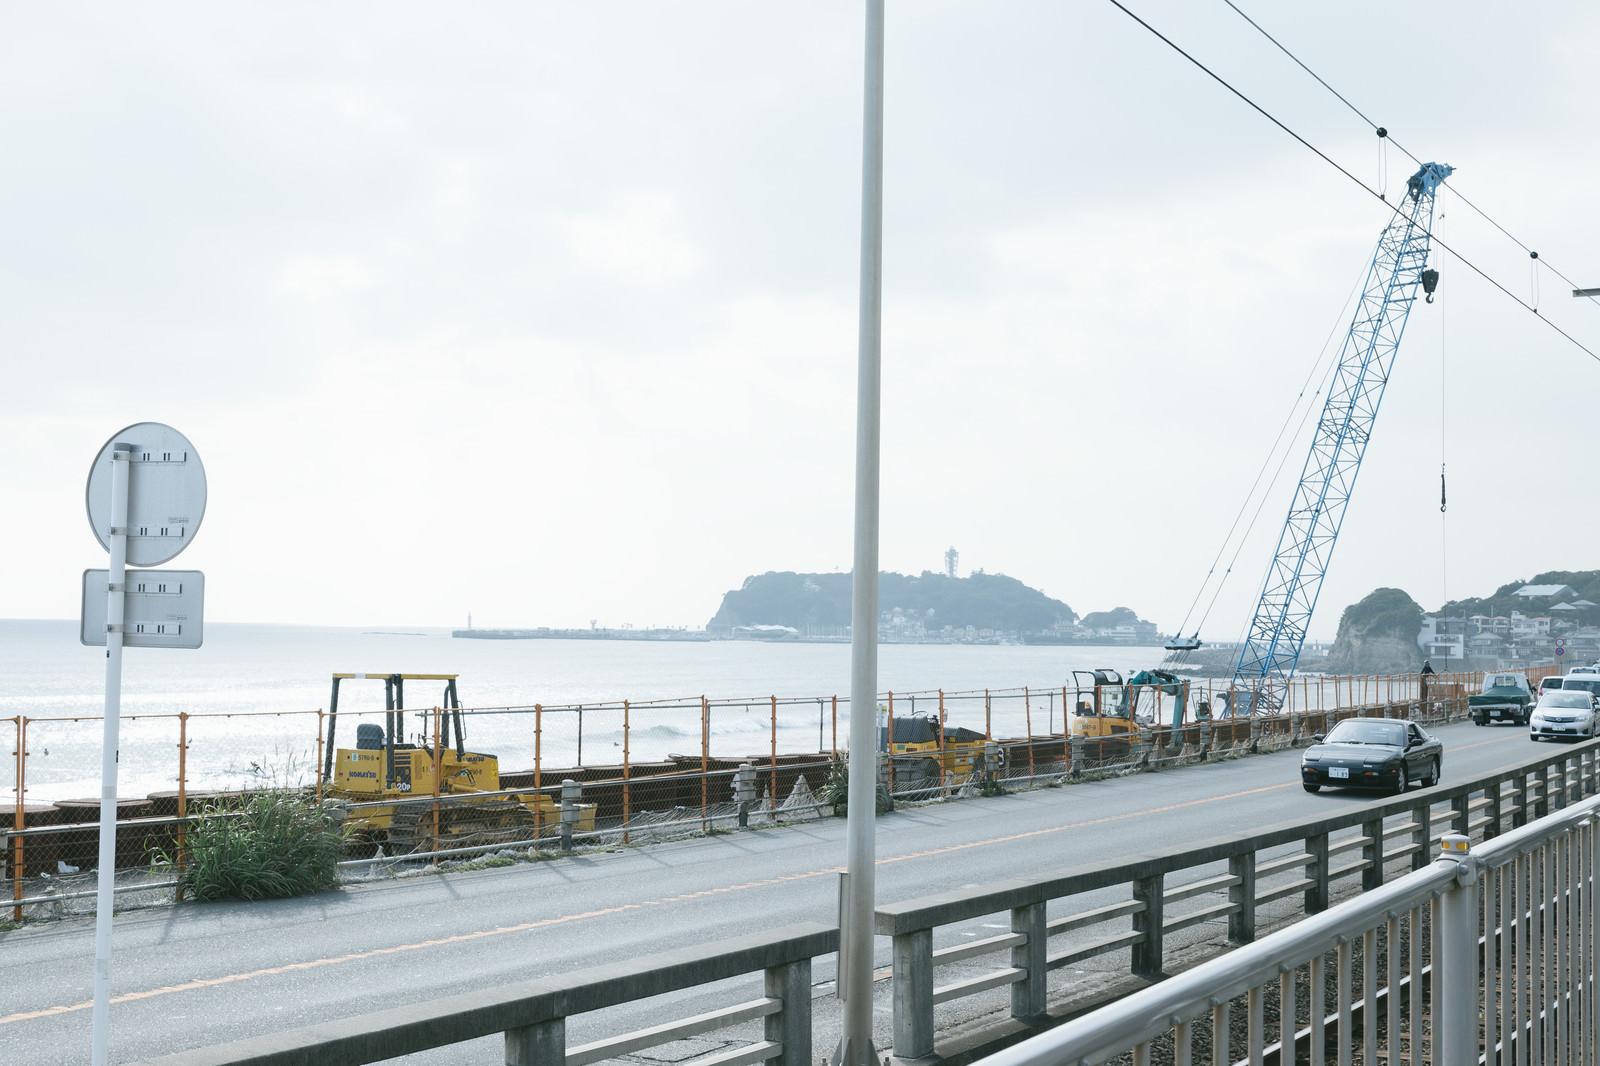 「国道134号線沿いの擁壁改修工事の様子国道134号線沿いの擁壁改修工事の様子」のフリー写真素材を拡大